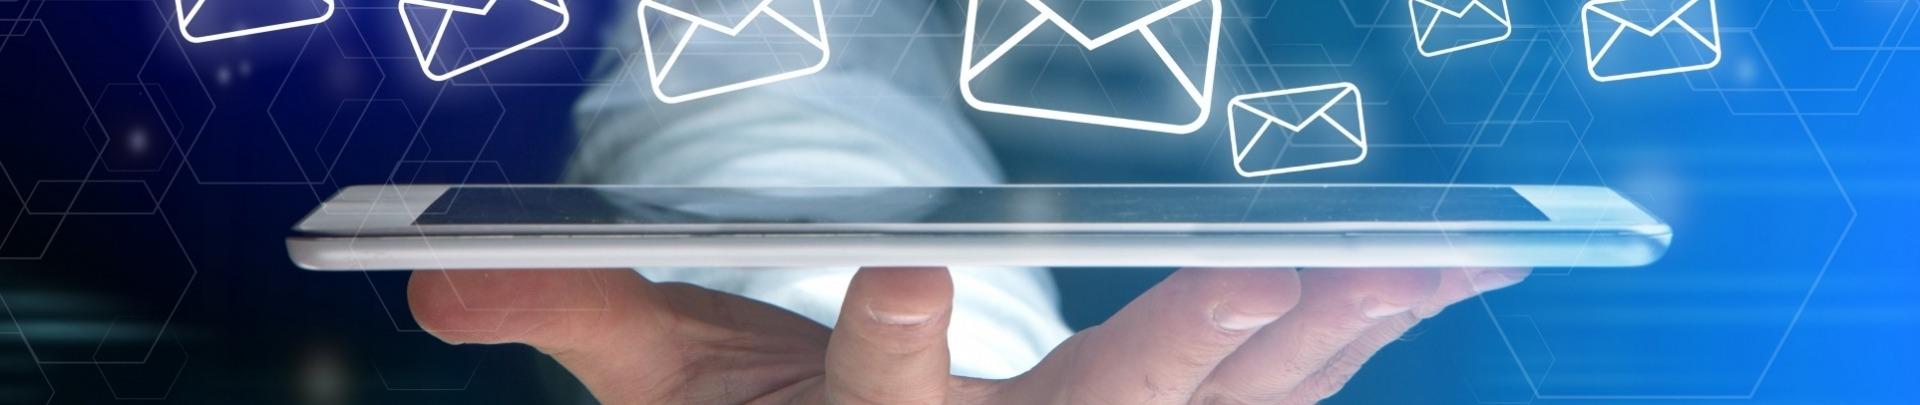 Mobiel met enveloppen die zweven om de digitale nieuwsberichten te symboliseren